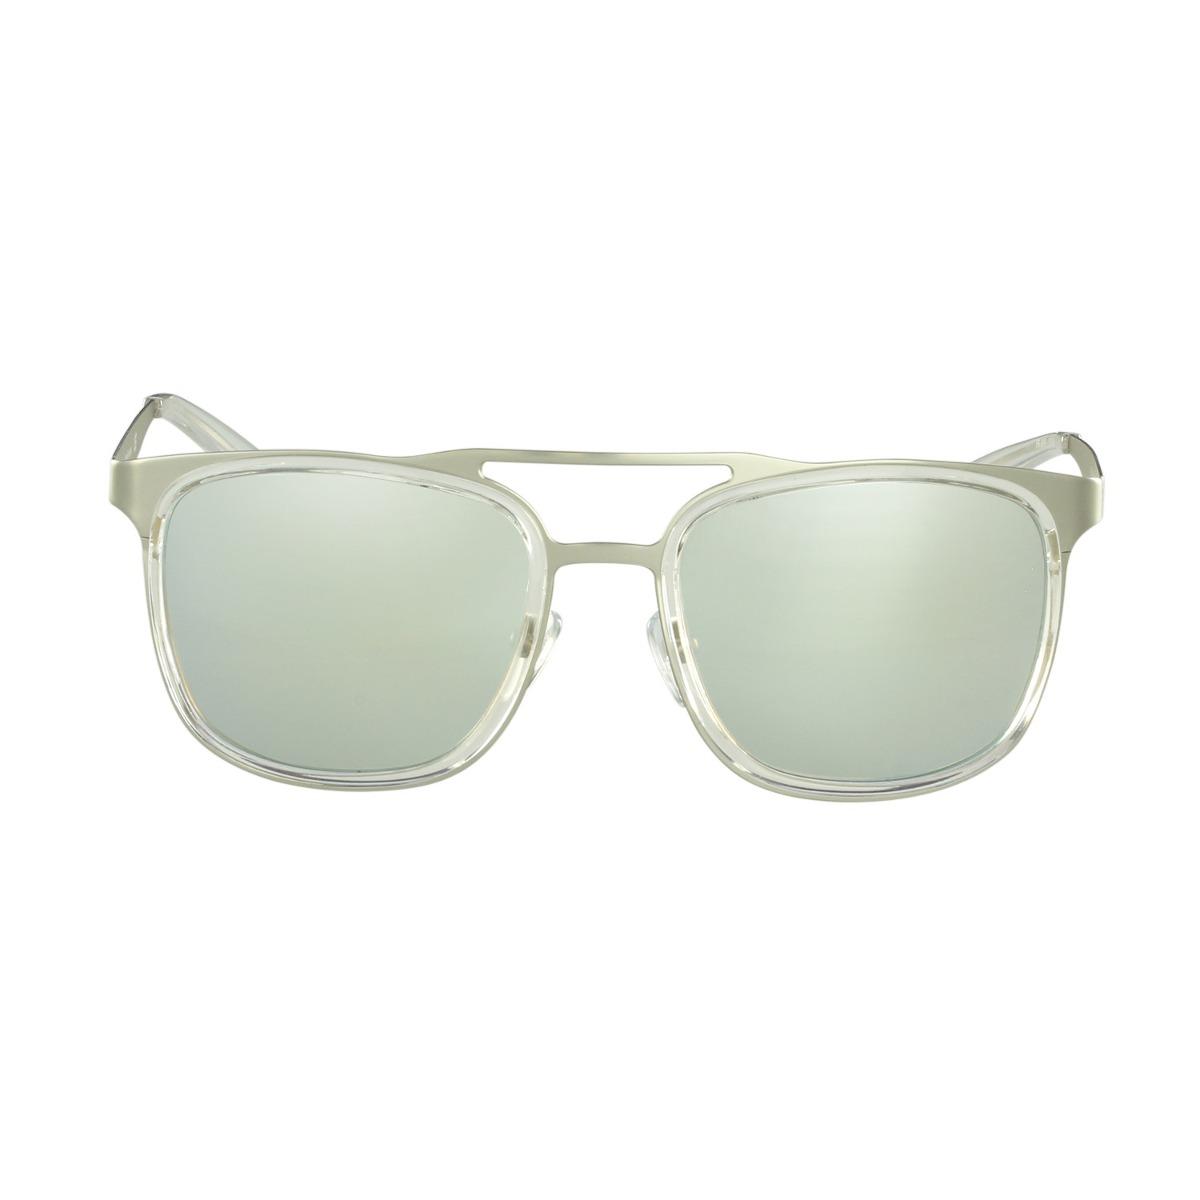 7e99d76125263 Óculos De Sol Calvin Klein Casual Prata - R  395,00 em Mercado Livre